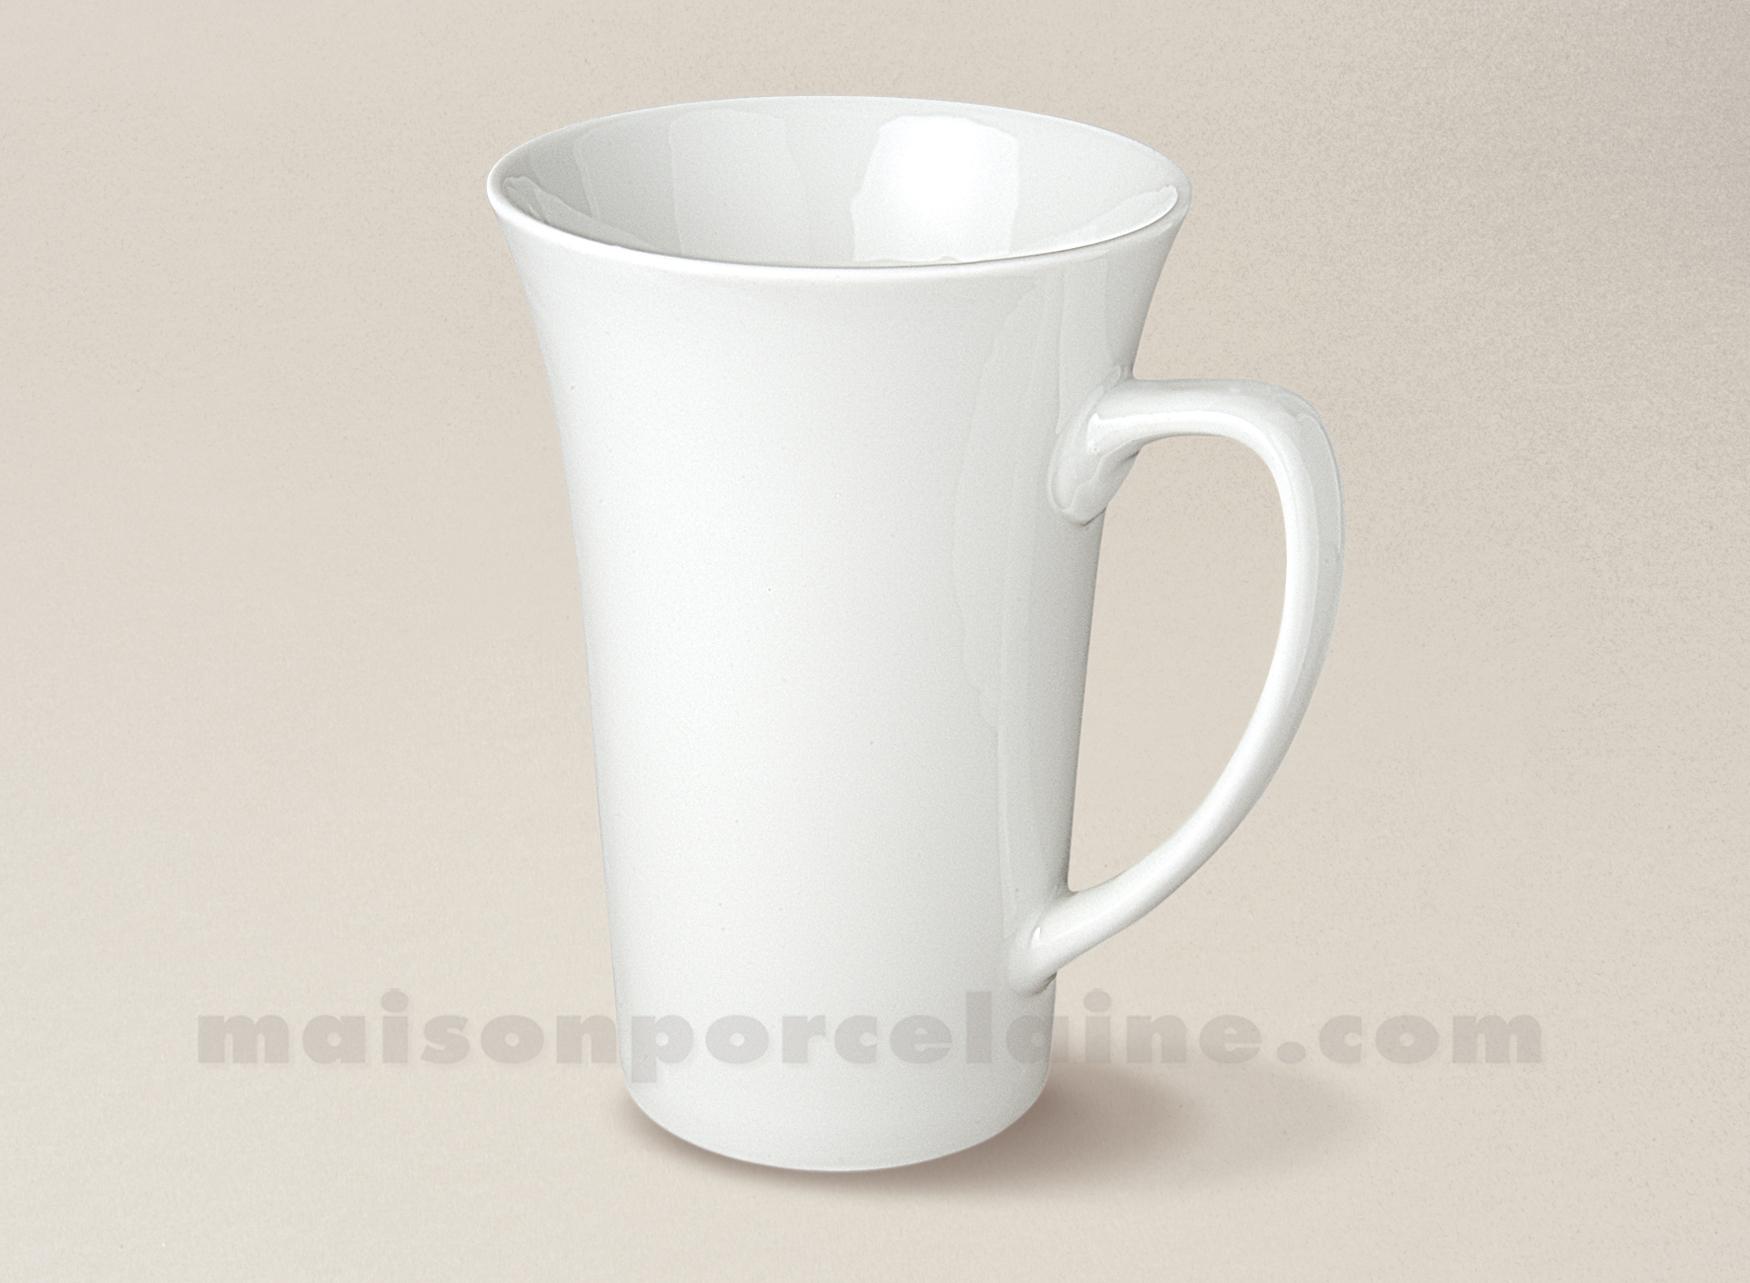 Mug porcelaine blanche trianon 35cl maison de la porcelaine - La maison de porcelaine ...